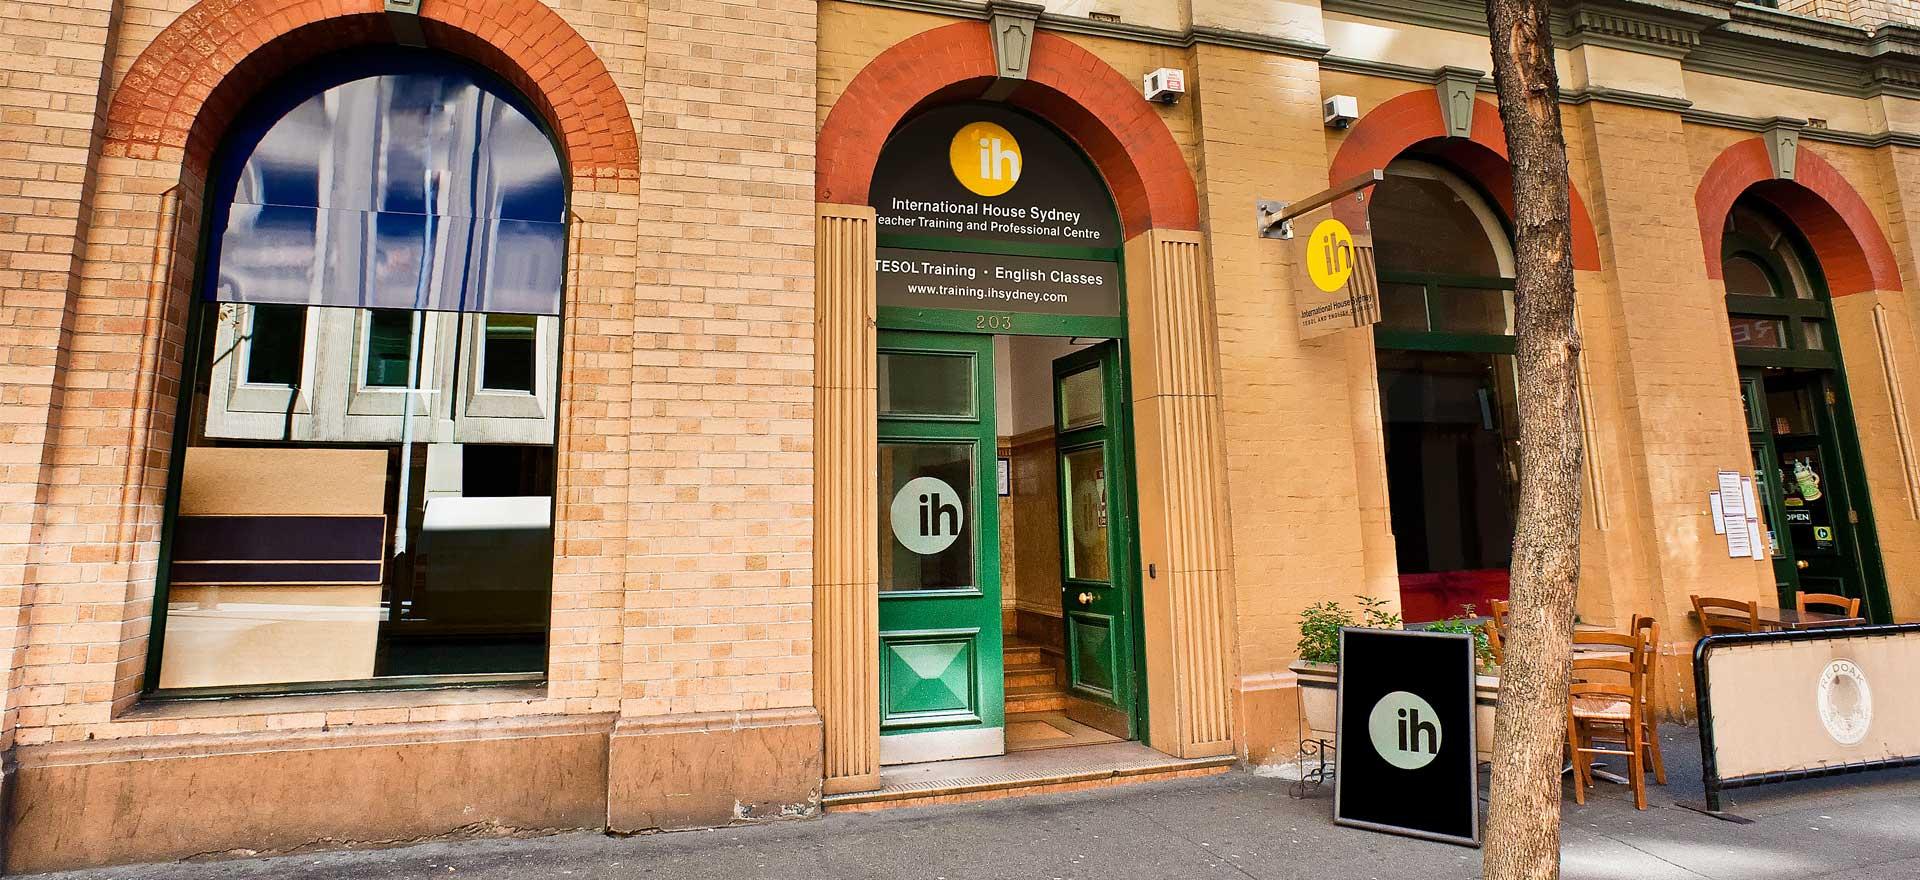 IH Melbourne (International House) โรงเรียนสอนภาษาอังกฤษใหญ่ที่สุดในโลก